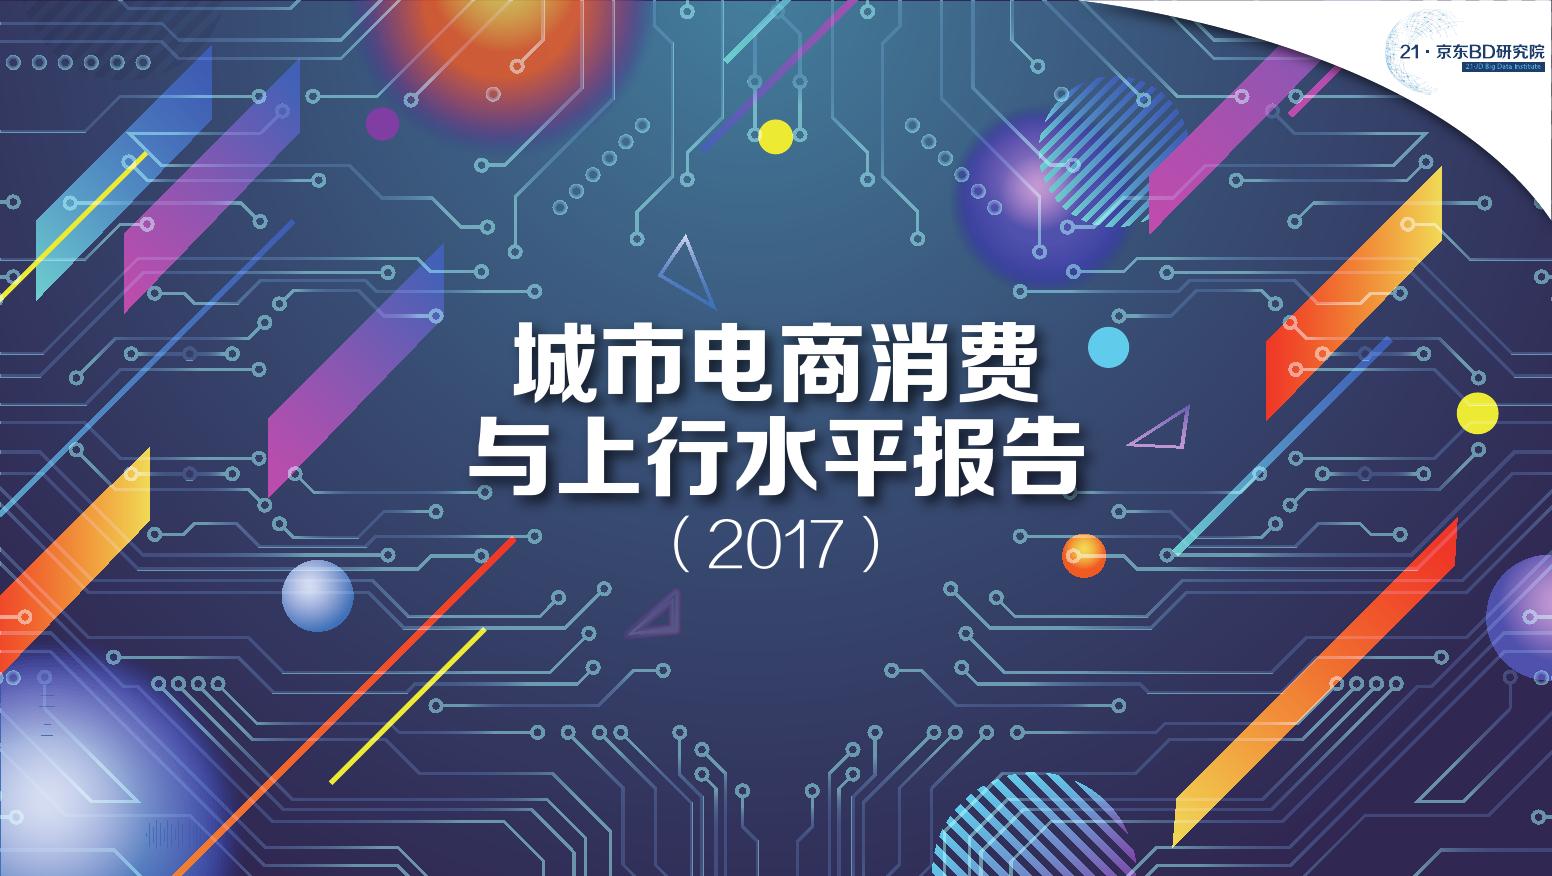 21.京东BD研究院:2017年城市电商消费与上行水平报告(附下载)